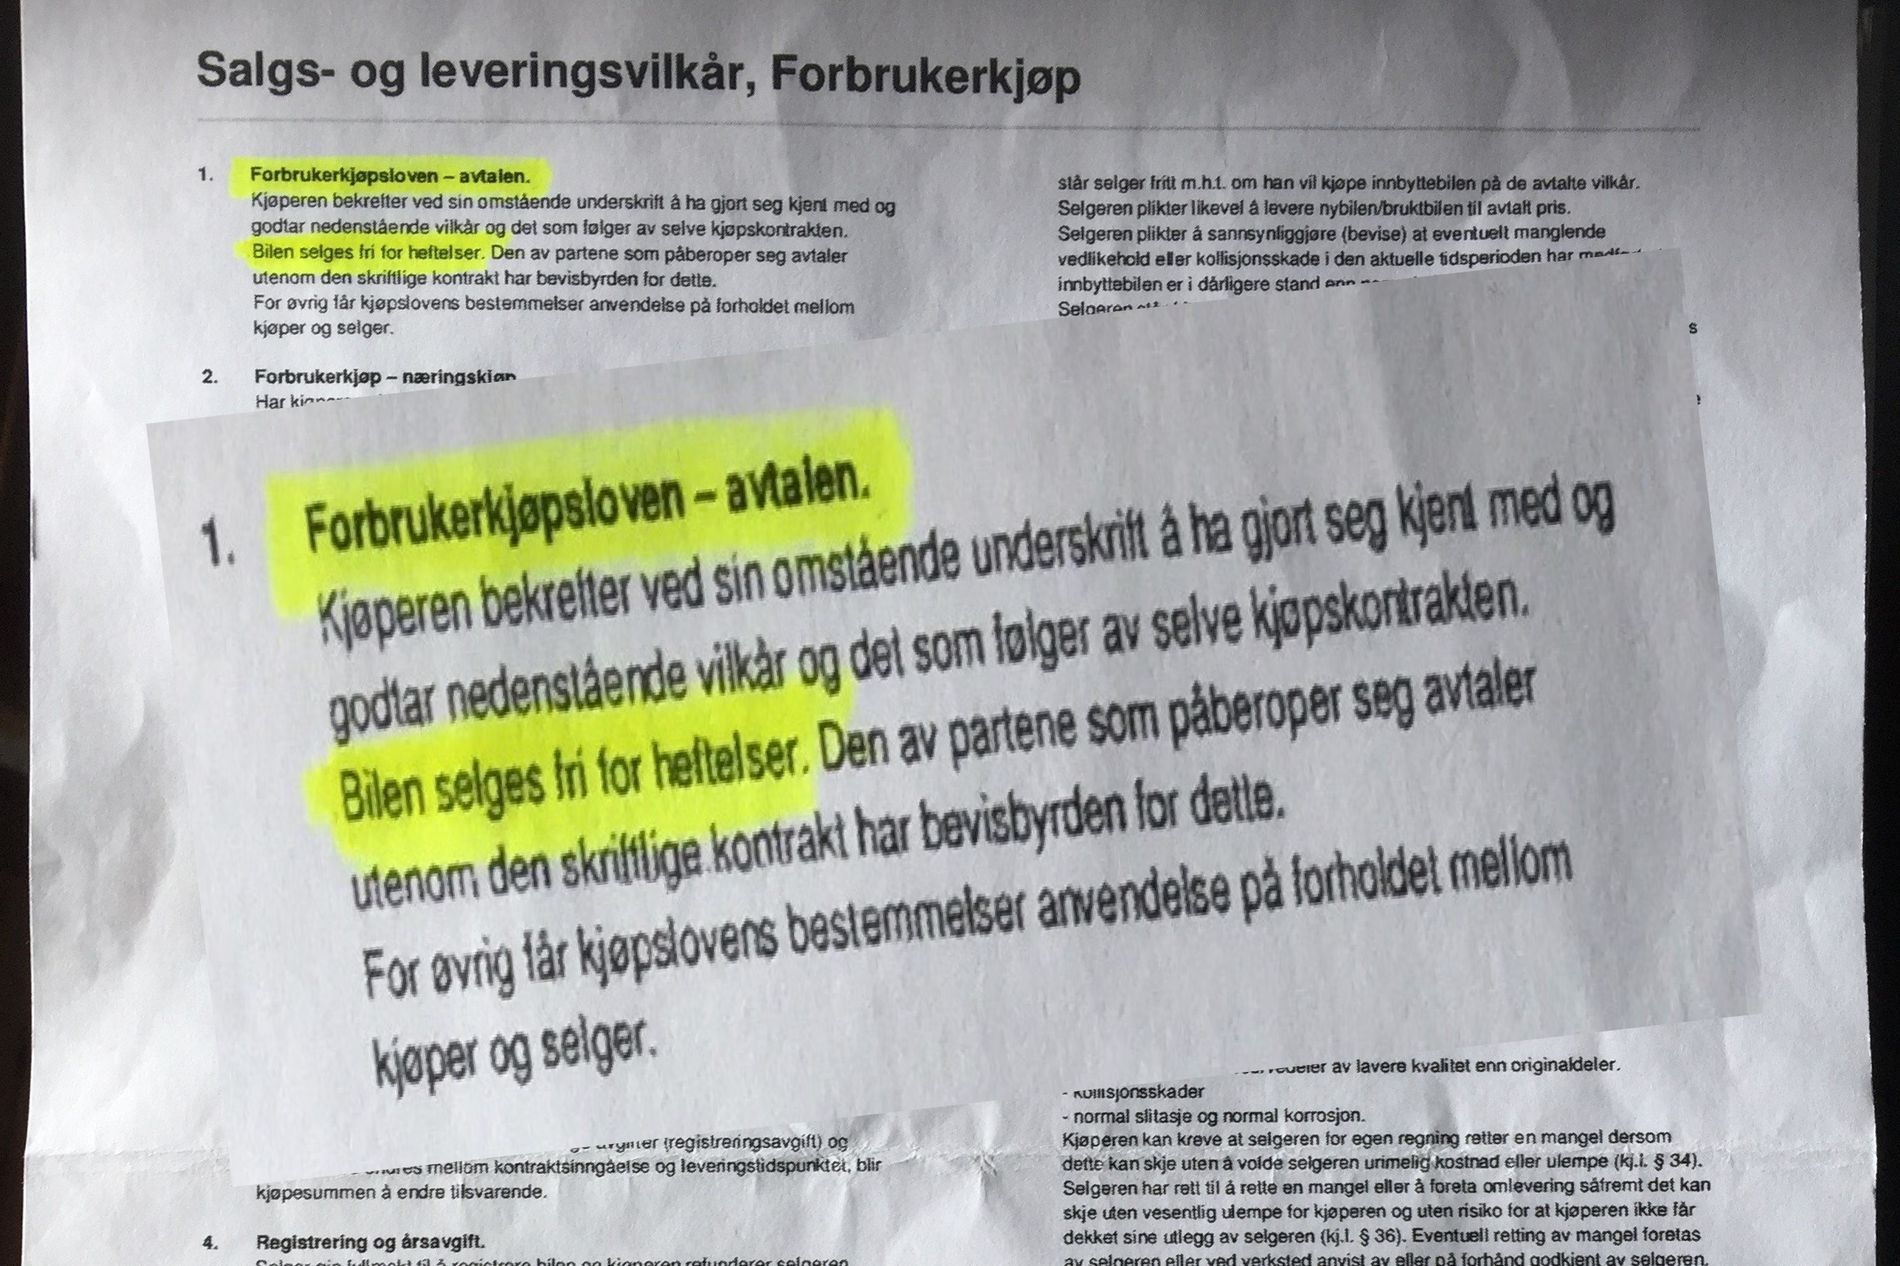 Faksimile fra kjøpsdokument – der står det at bilen er uten heftelser.